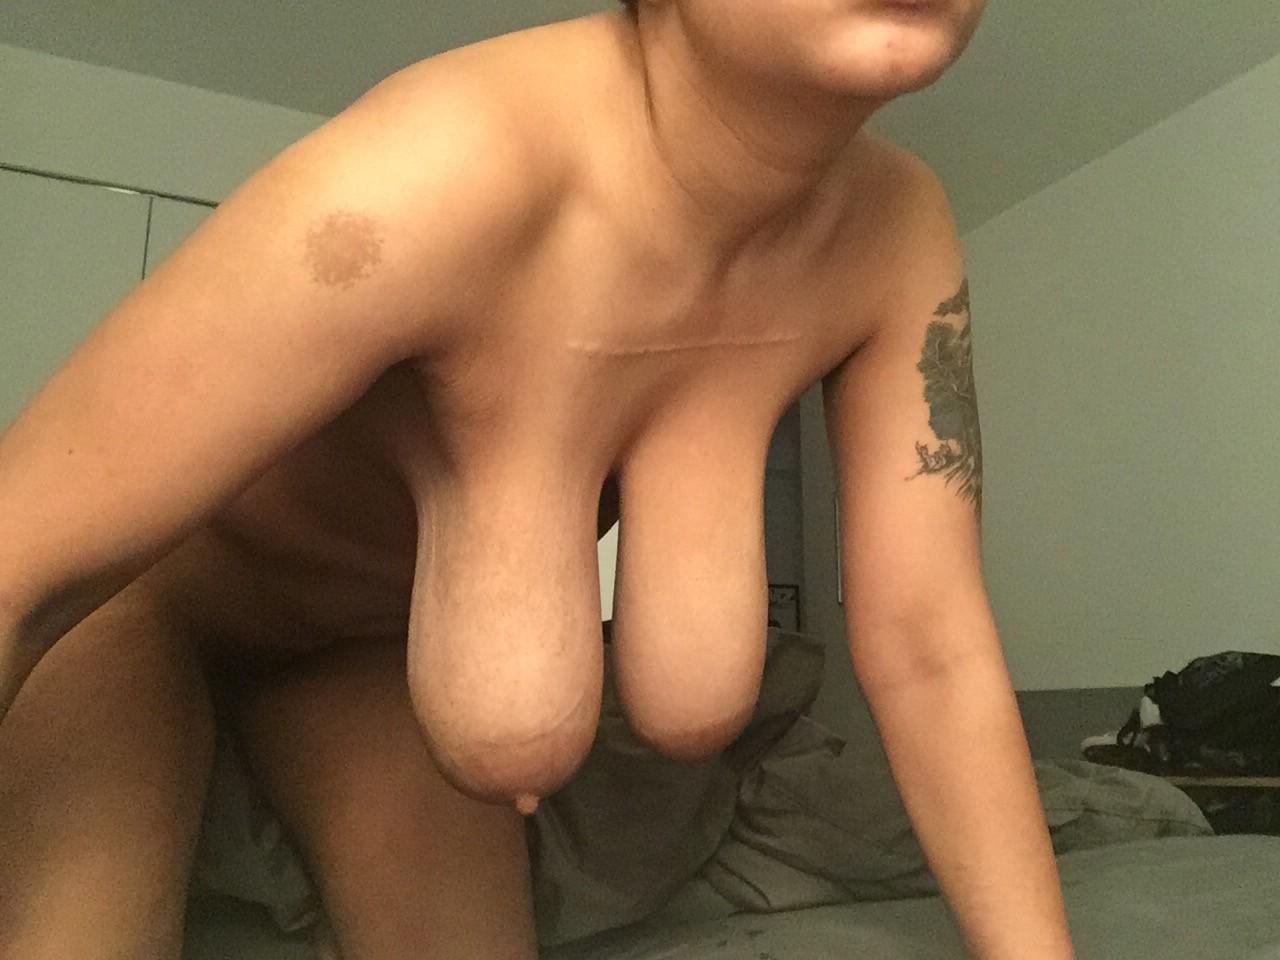 Огромные женские груди просто шокируют своим размером - они принадлежат явно немолодой особе